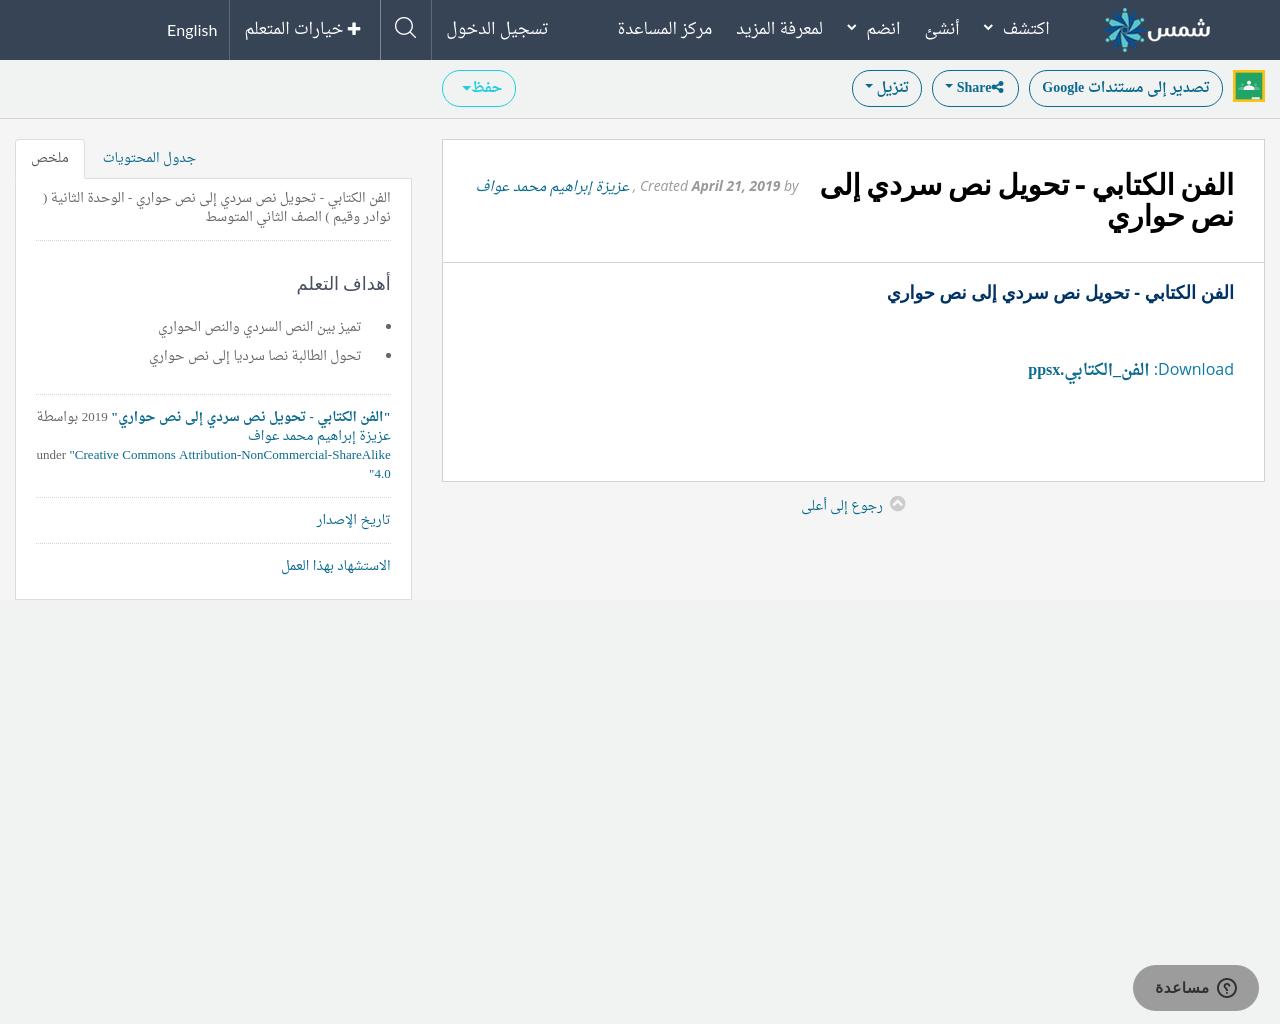 الفن الكتابي تحويل نص سردي إلى نص حواري Shms Saudi Oer Network